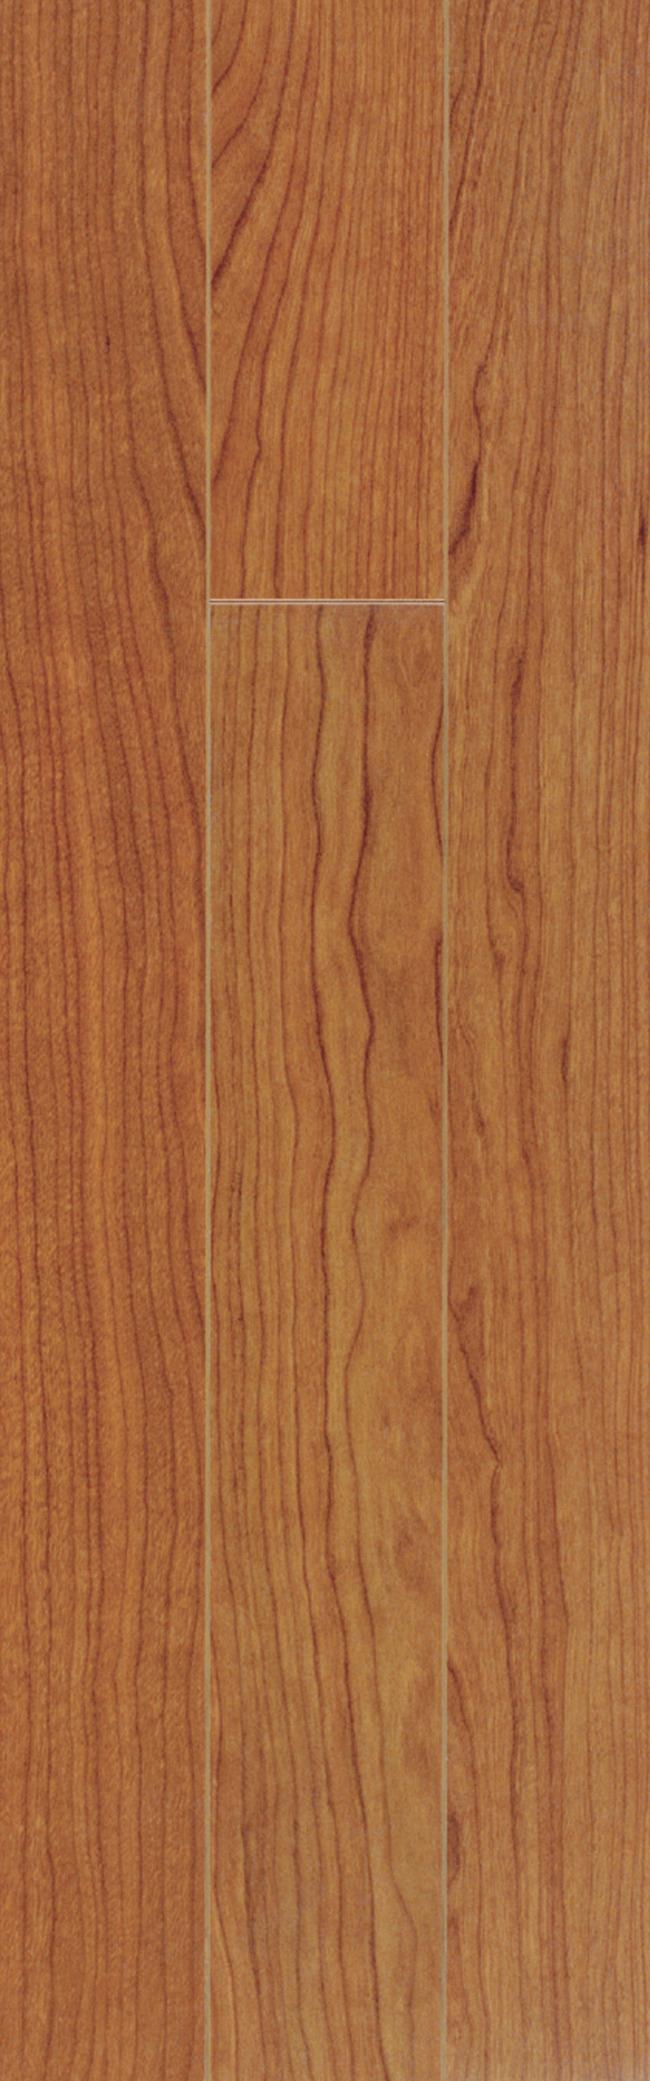 木板材质高清贴图